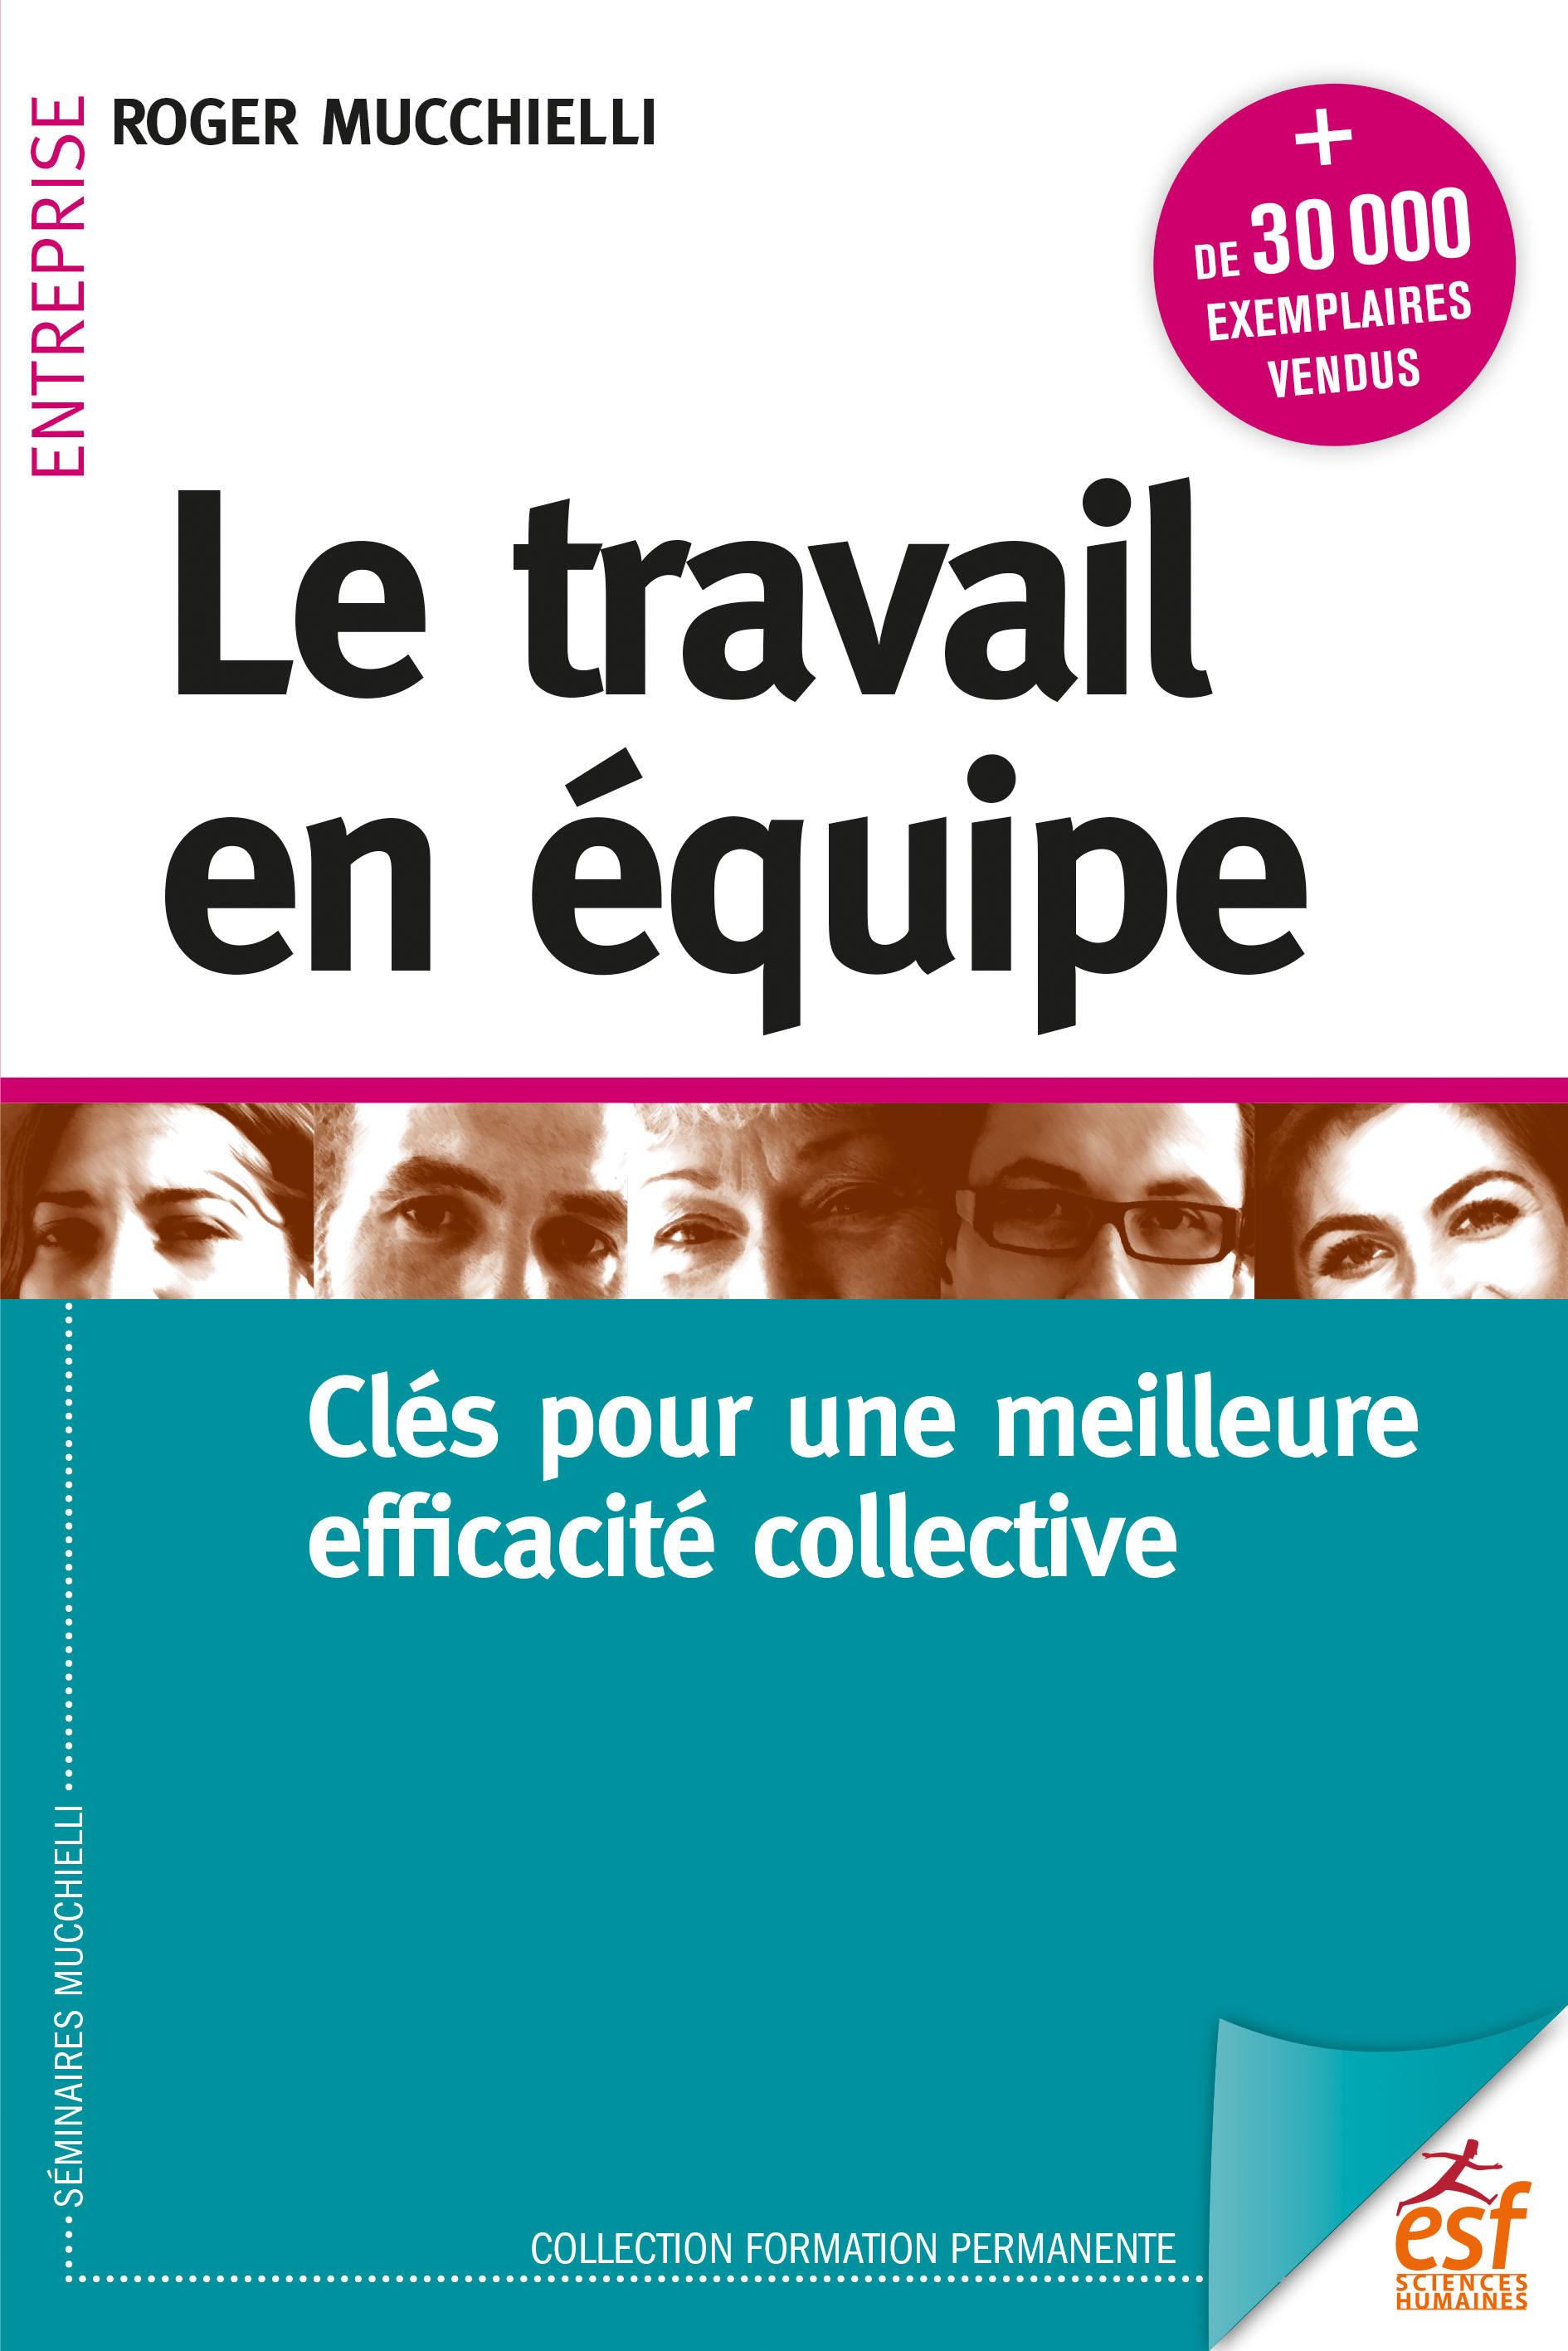 LE TRAVAIL EN EQUIPE - CLES POUR UNE MEILLEURE EFFICACITE COLLECTIVE